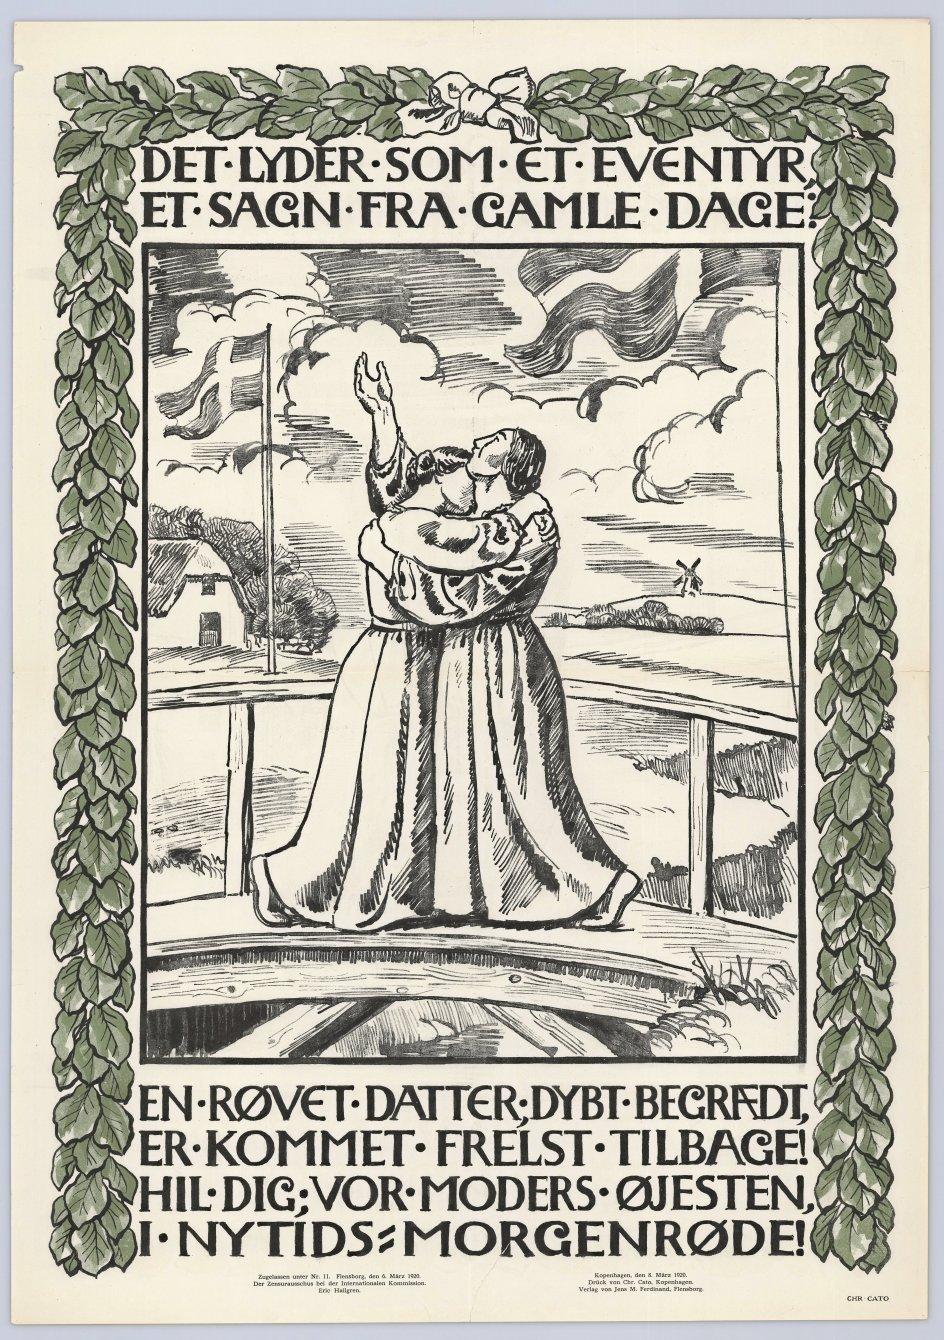 Denne plakat fra 1920 fremstiller Danmark som moder og Sønderjylland som datter, ledsaget af de to første og den sidste linje af Henrik Pontoppidans digt om genforeningen. - Foto: Det Kongelige Biblioteks Billedsamling.